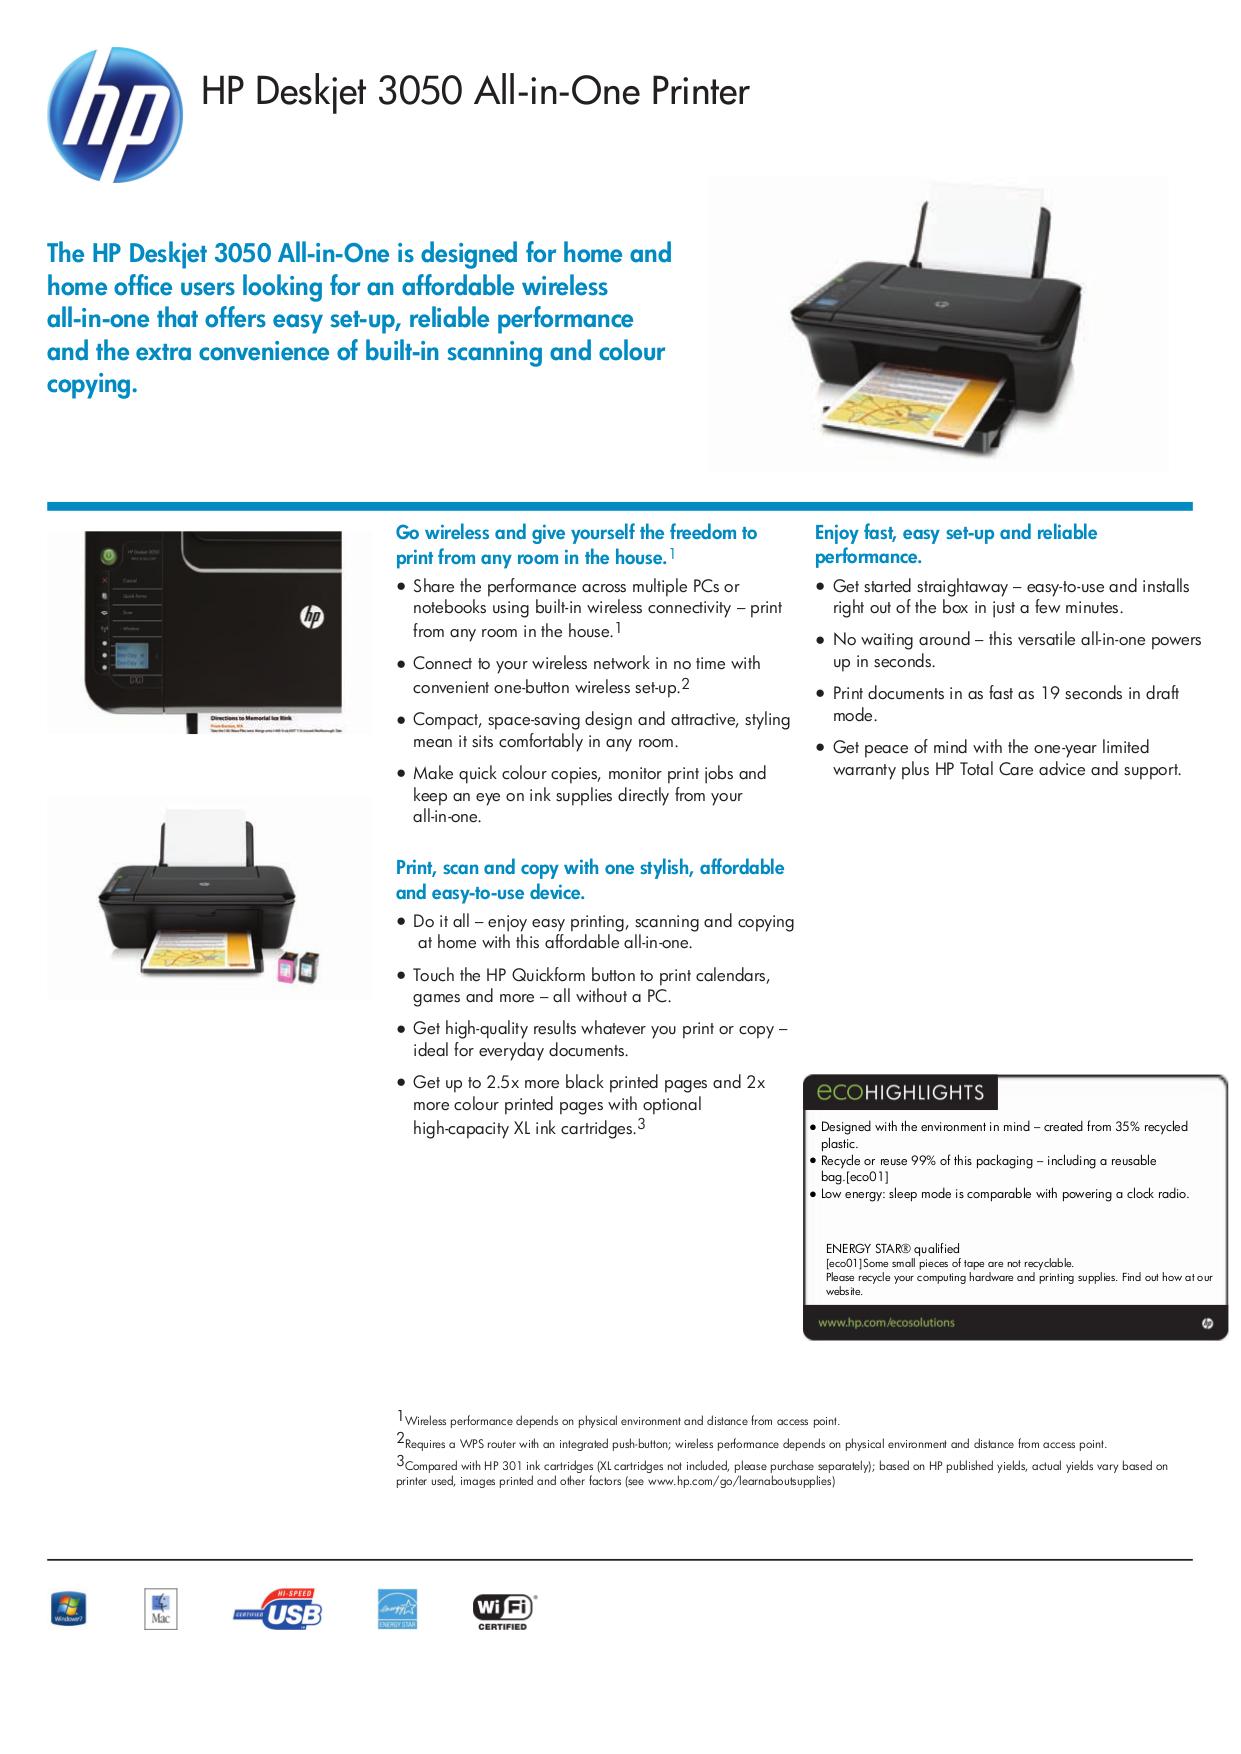 Hp 4620 Printer Manual Pdf